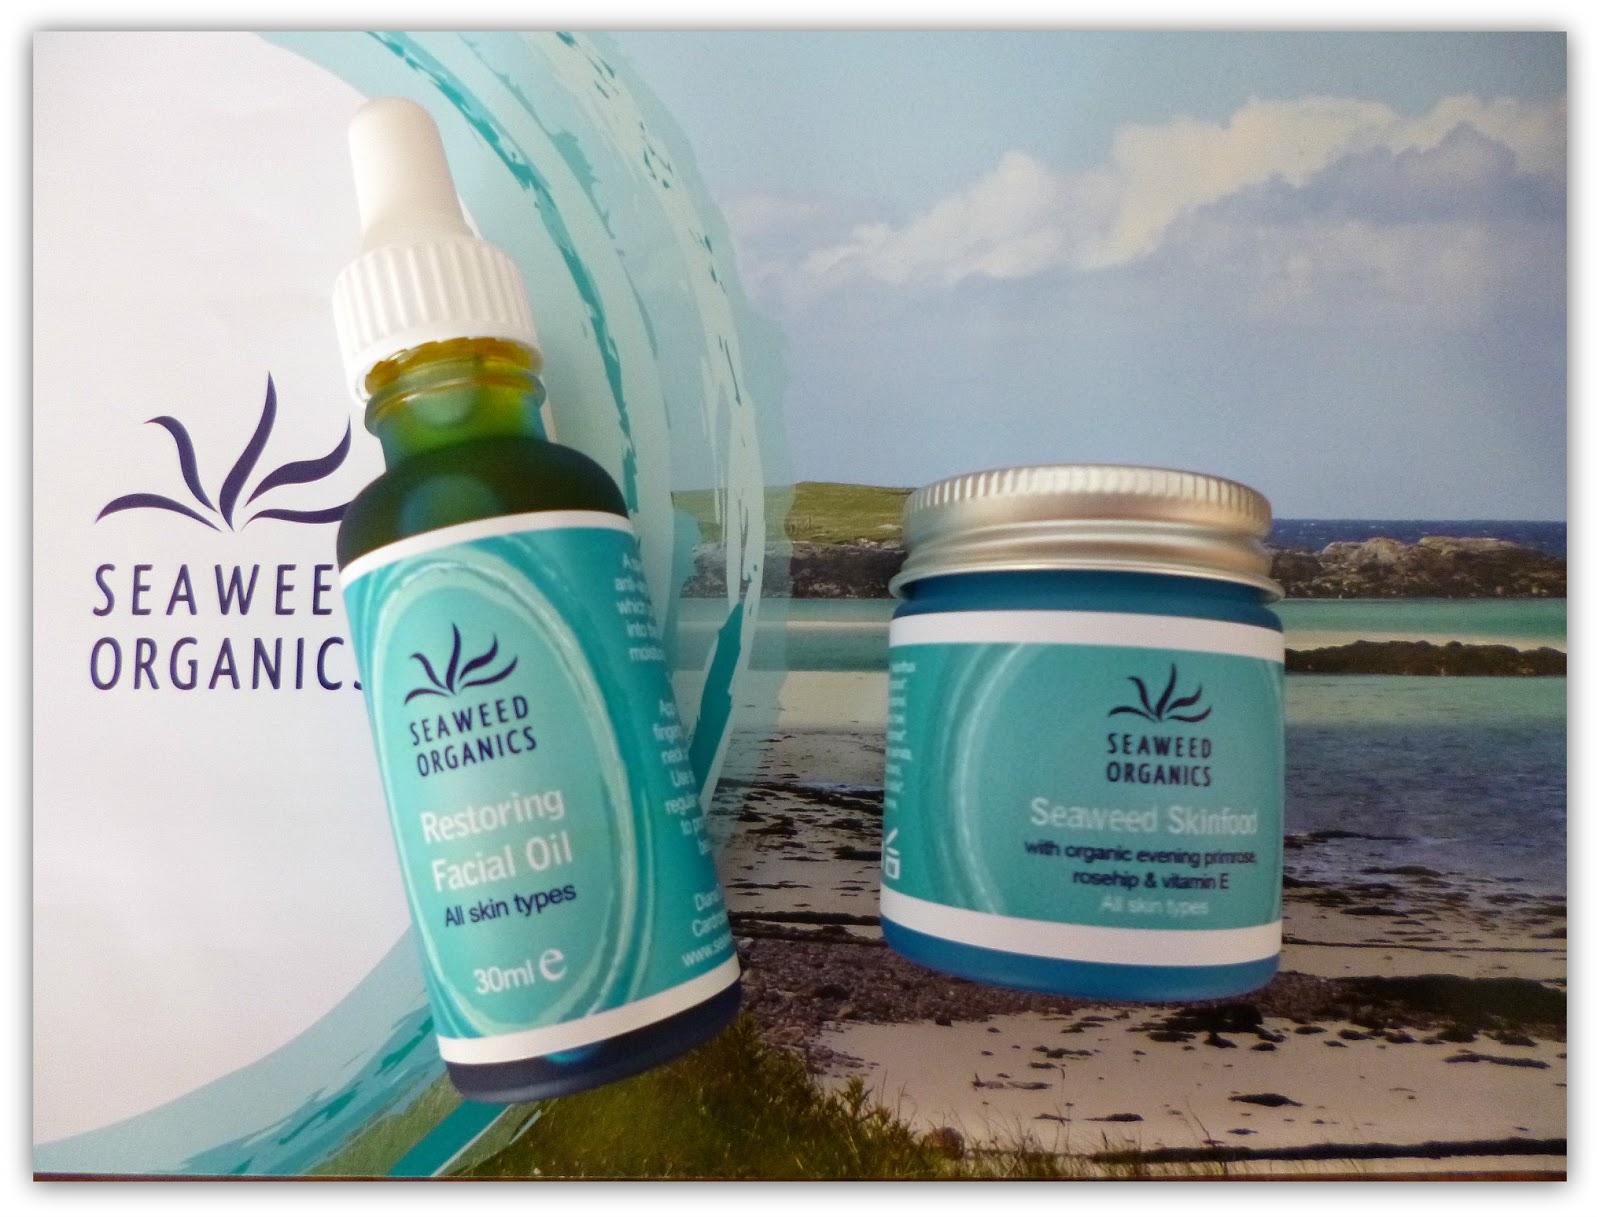 Seaweed Organics skincare